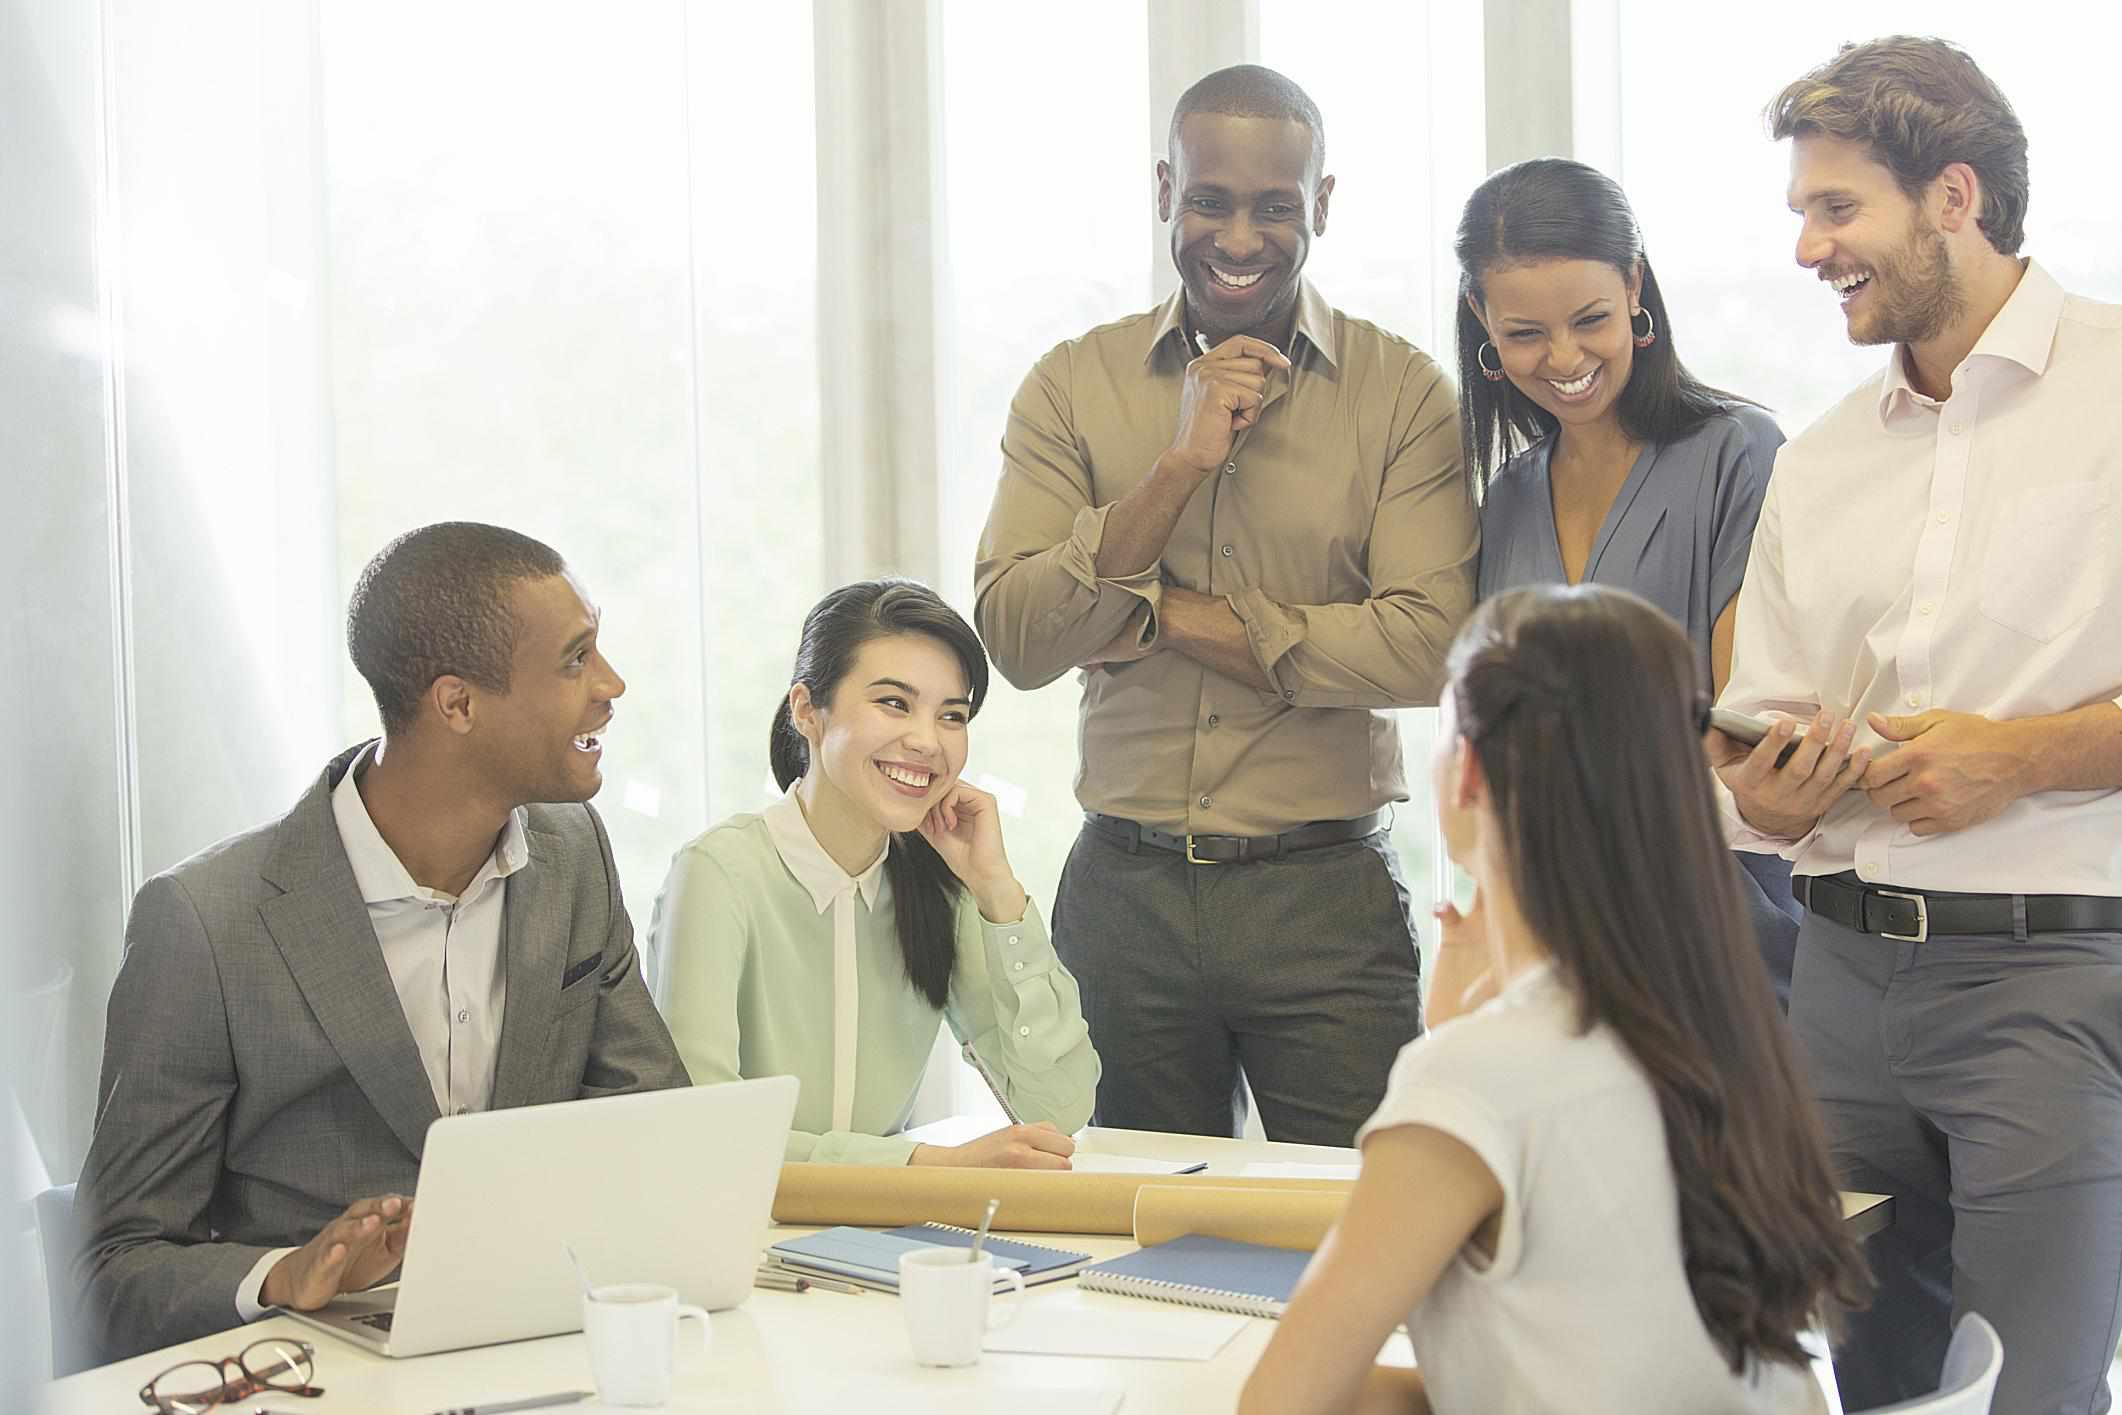 怎样利用大脑的特点管理团队?